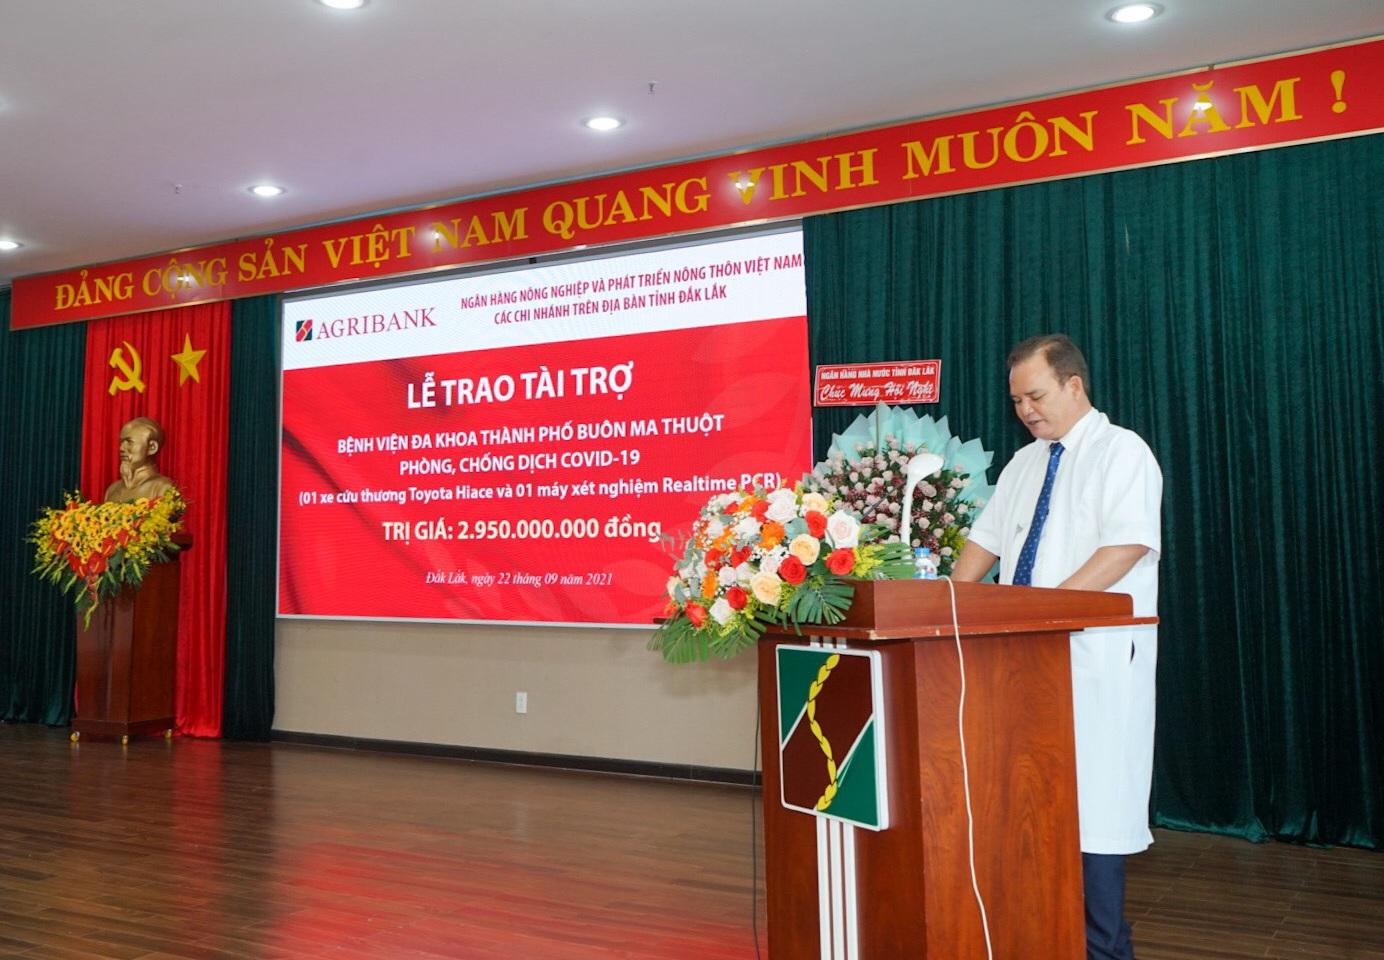 Các chi nhánh Agribank trên địa bàn tỉnh Đắk Lắk trao gói an sinh xã hội trị giá gần 3 tỷ đồng - Ảnh 4.